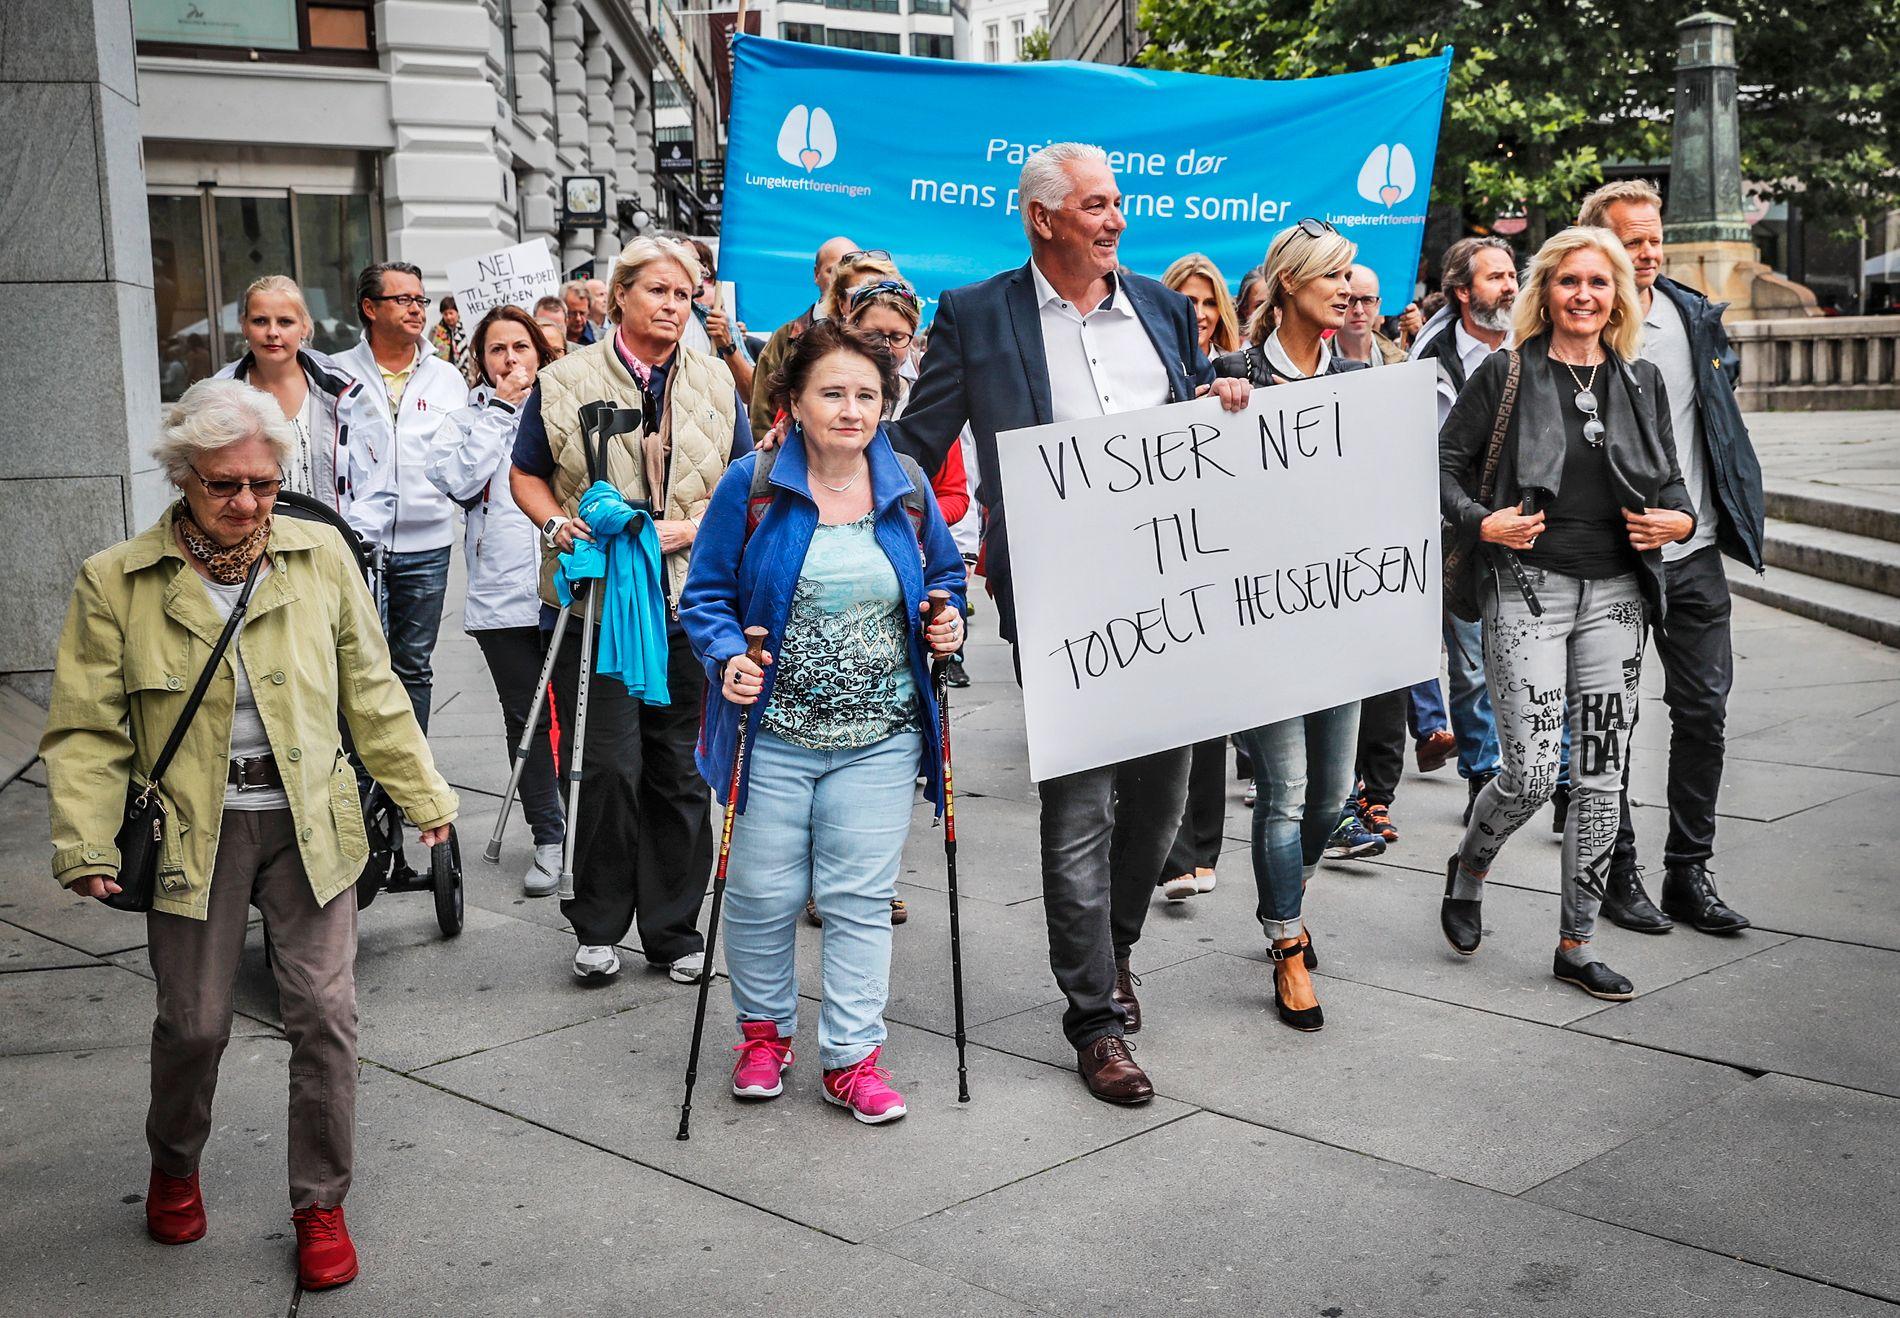 KREVER HANDLING: Finn Helge Quist (i midten med plakat) håper mandagens demonstrasjon vil få politikerne til å korte ned den lange behandlingstiden for nye medisiner i Norge.